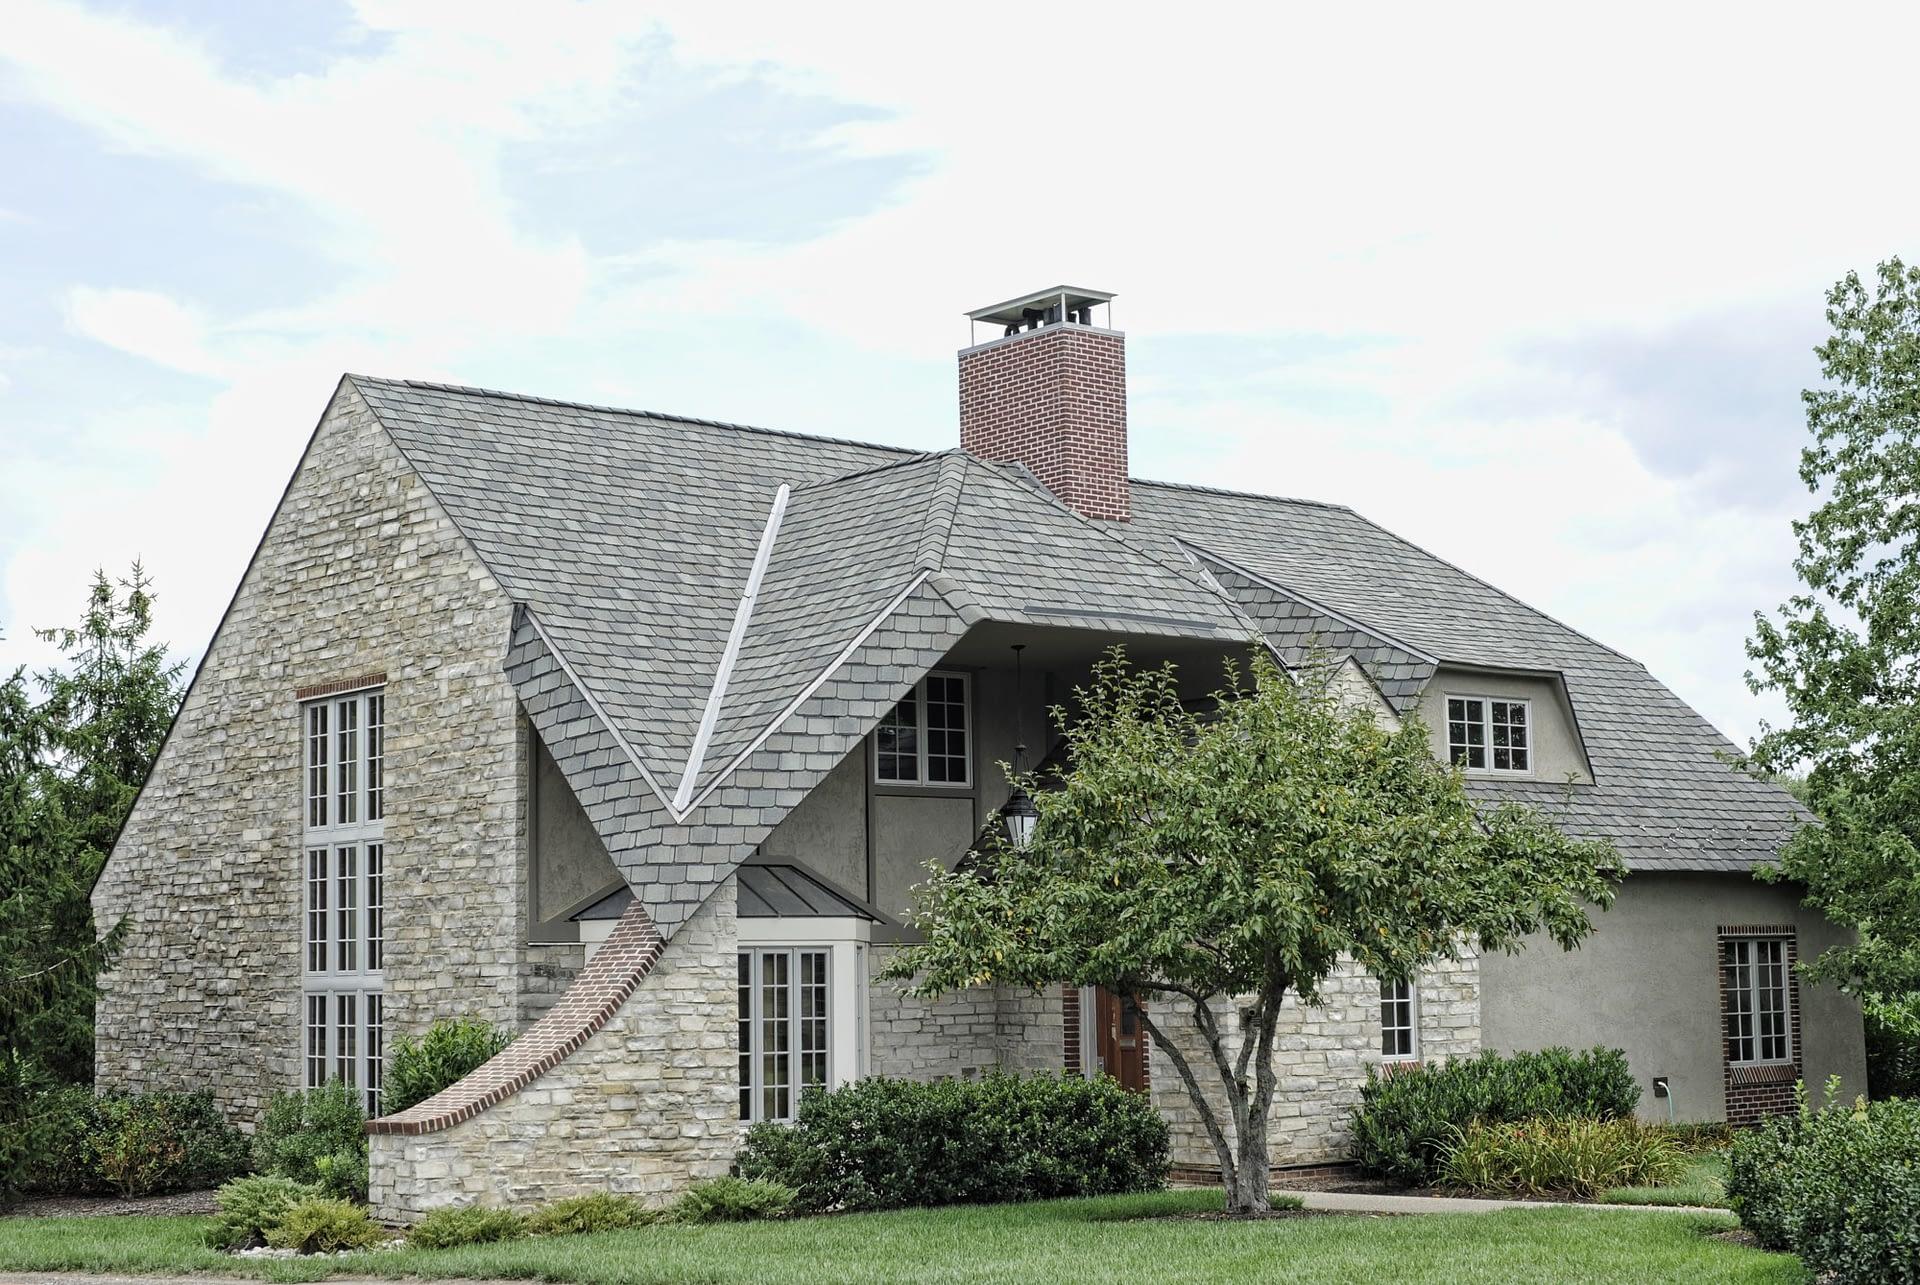 Bryn Athyn - Student Cottage